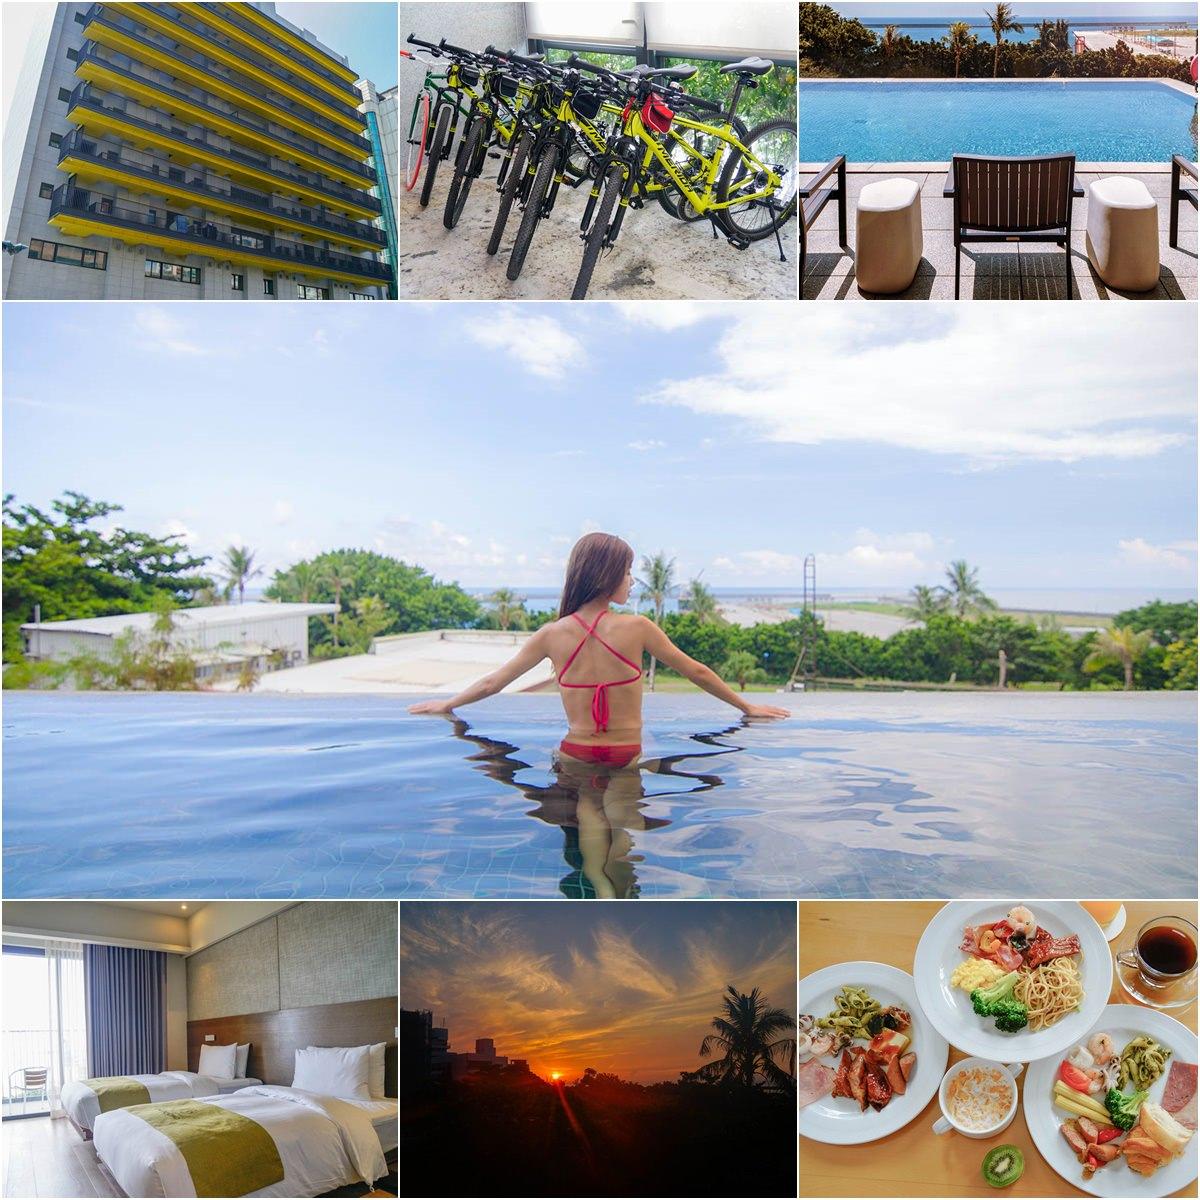 [花蓮住宿推薦]璽賓行旅 Kadda hotel-花蓮唯一無邊際泳池x單車飯店推薦